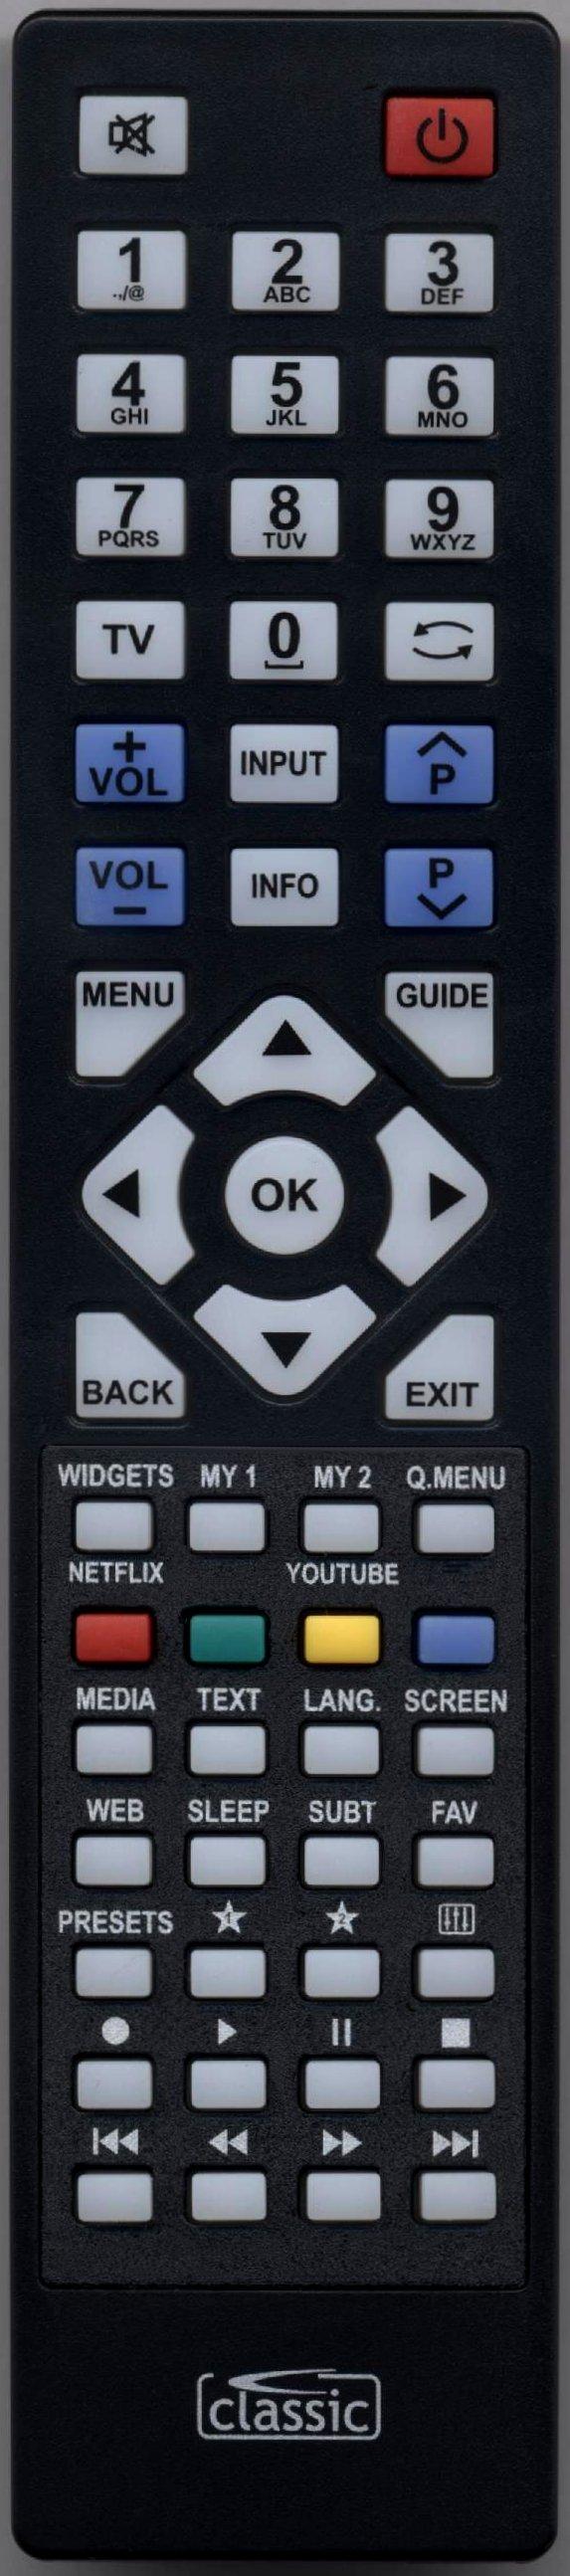 LUXOR 401080 Remote Control Alternative